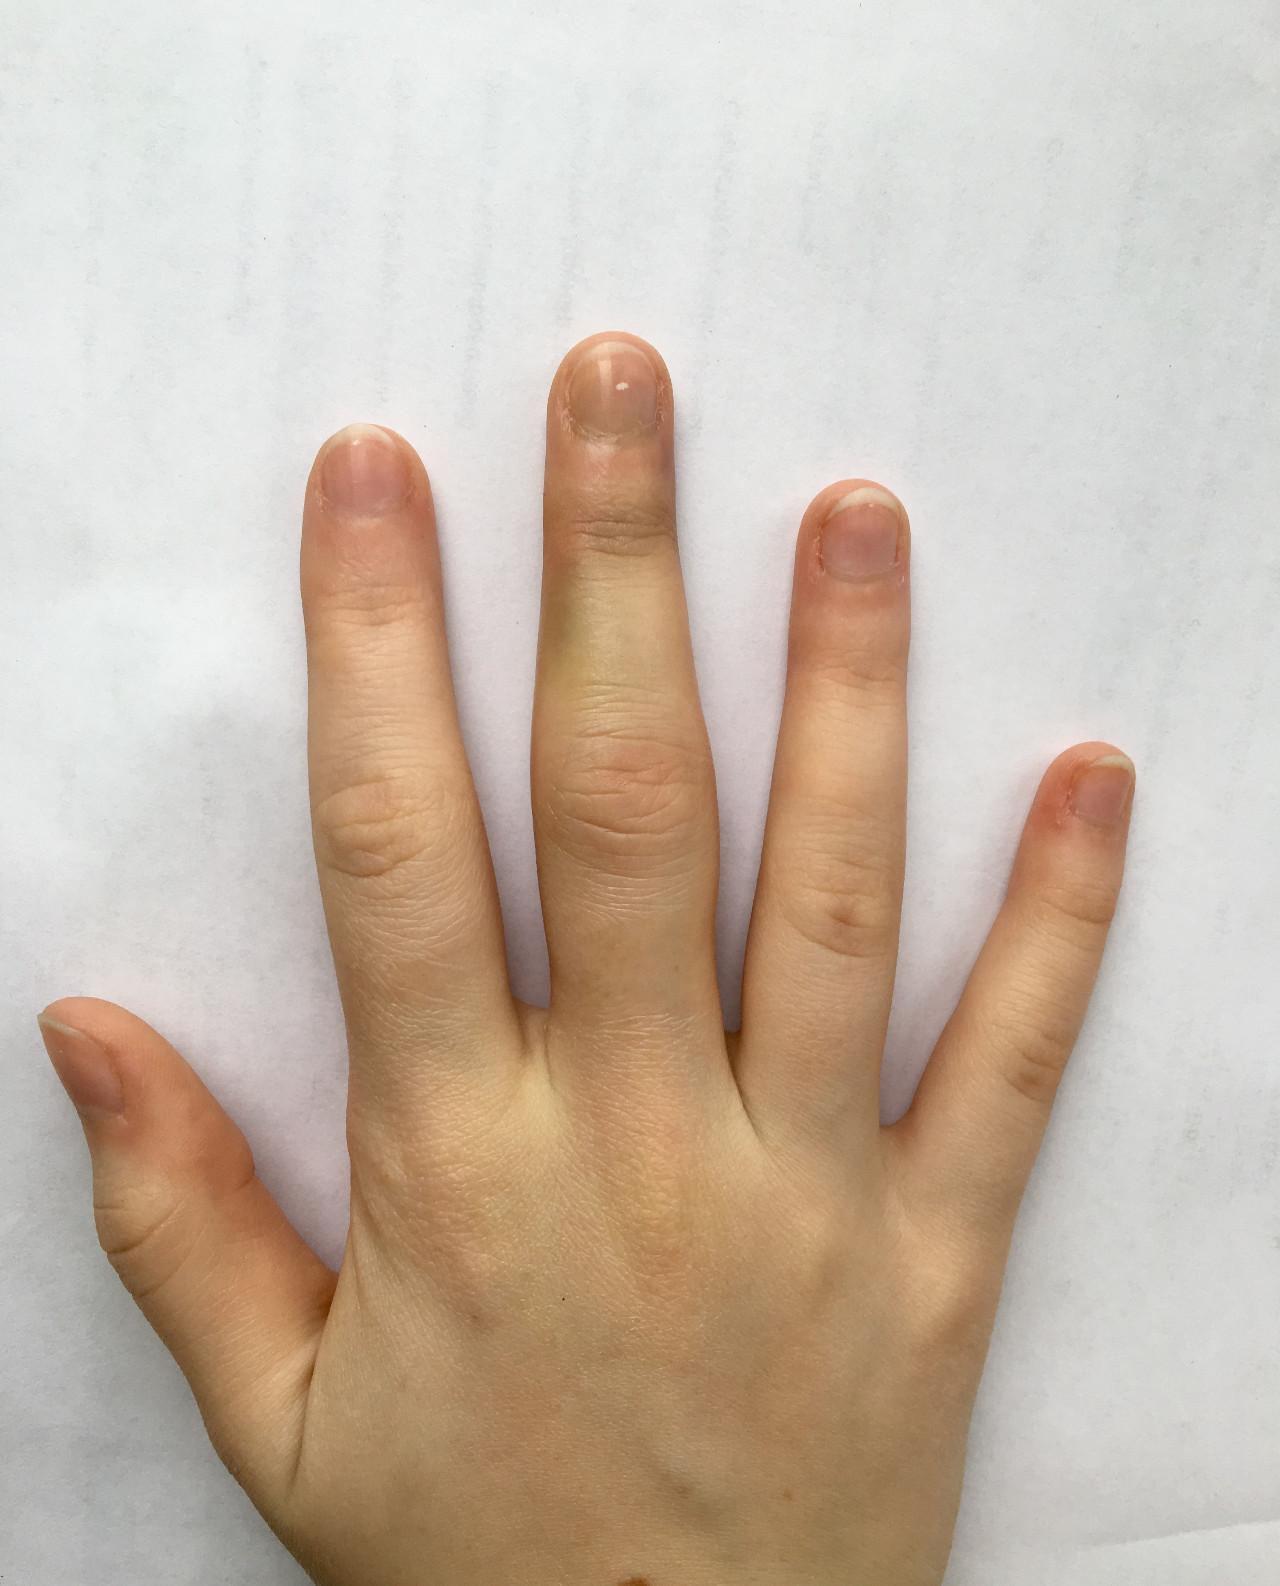 самые теплые фото лопатообразной руки граница видна